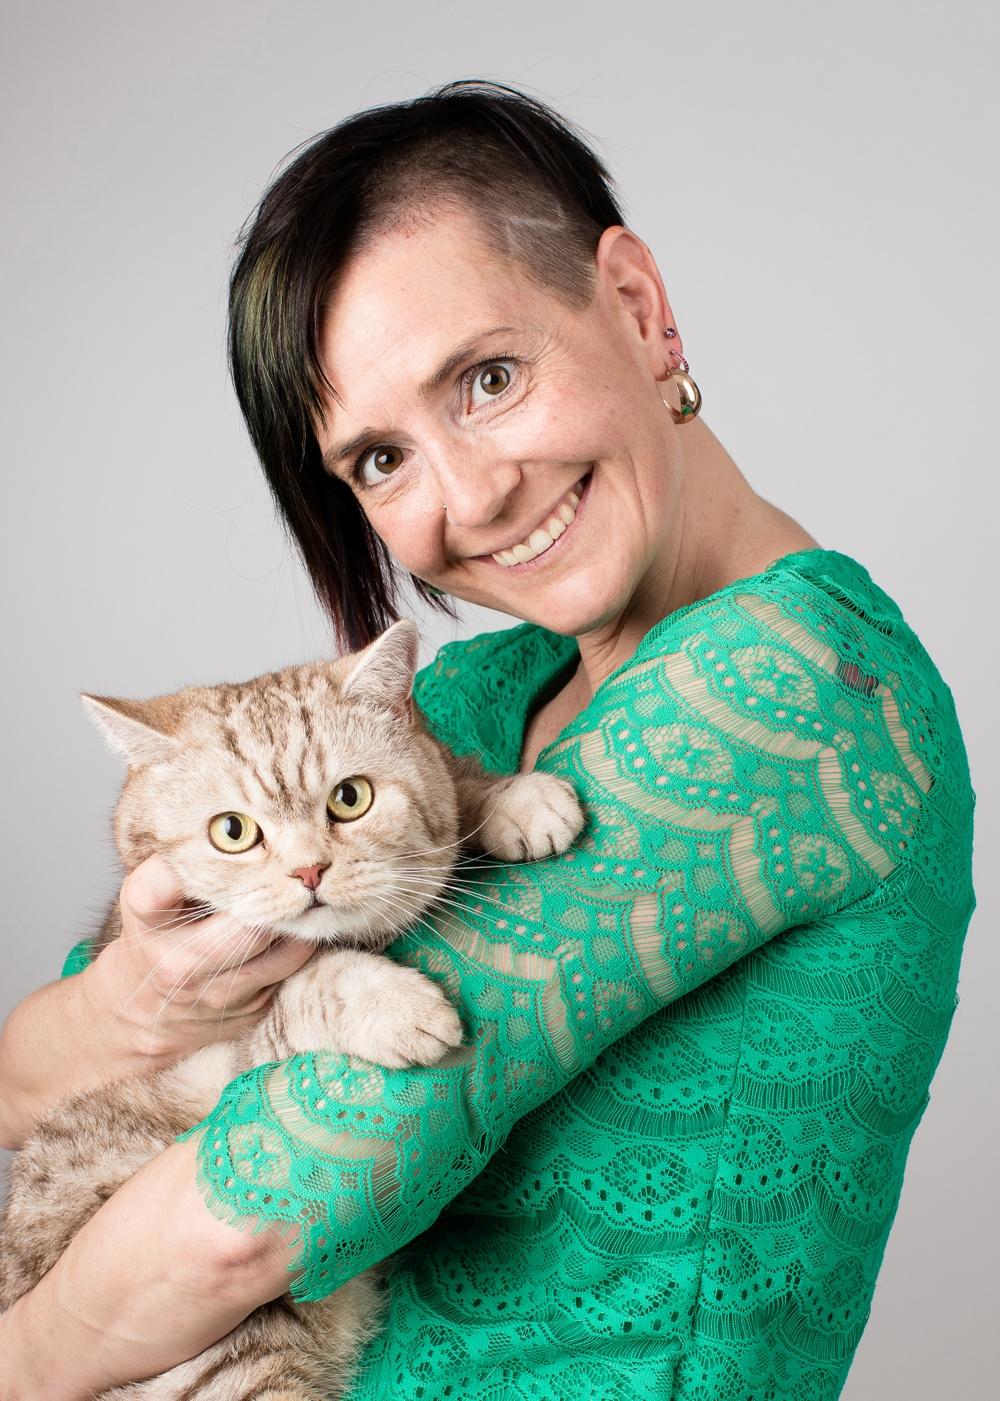 Djurskyddet Sveriges generalsekreterare Åsa Hagelstedt tillsammans med hennes katt Findus.